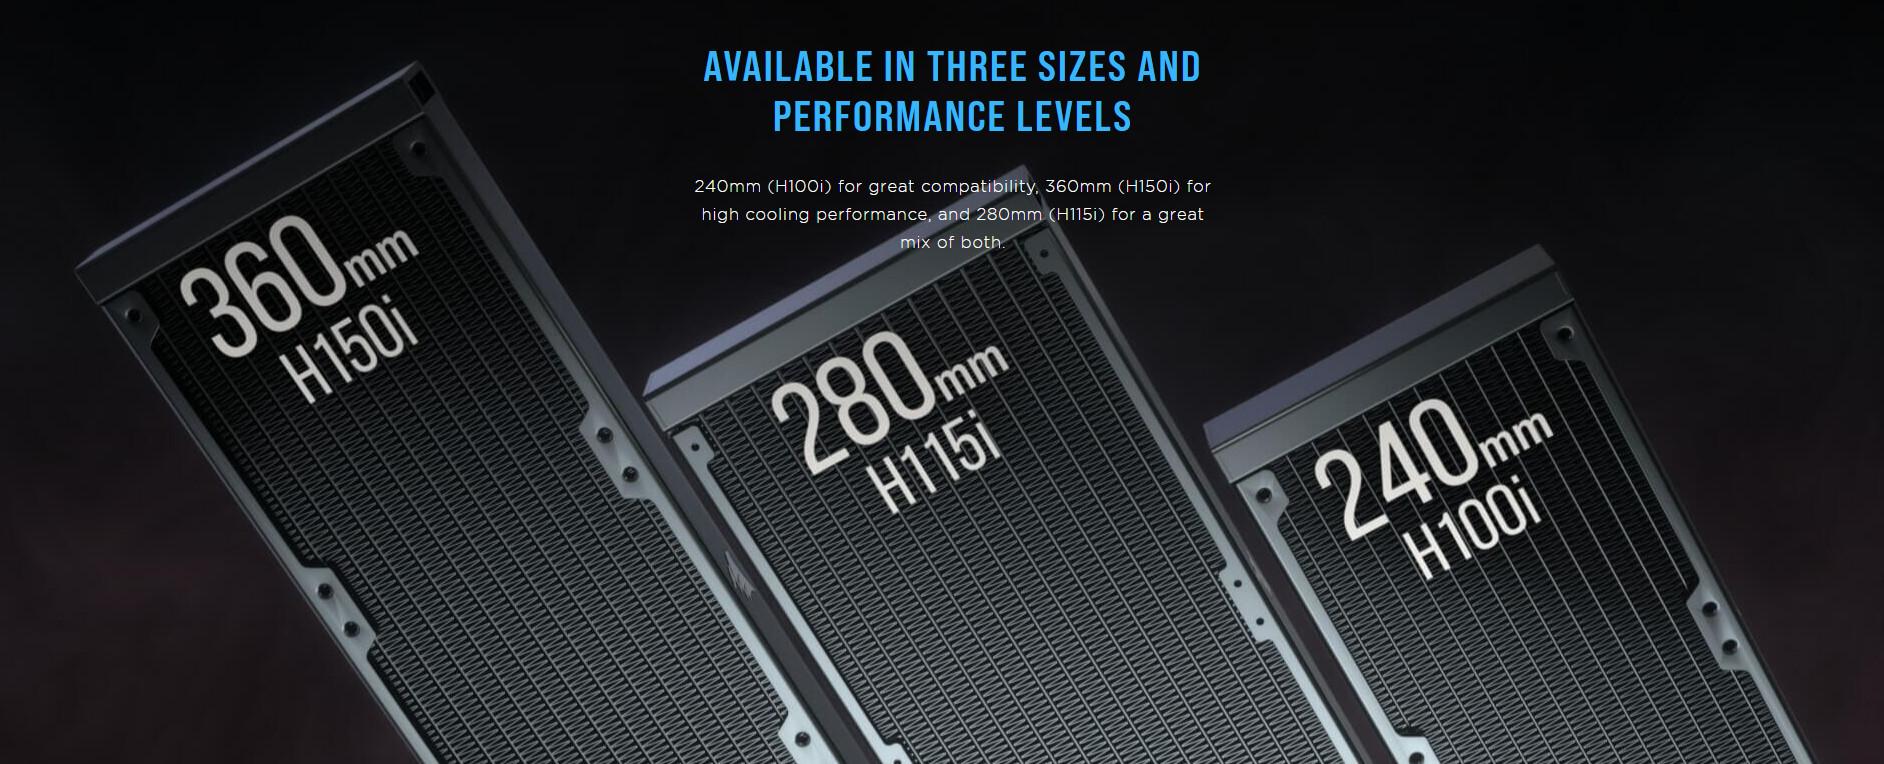 Tản nhiệt nước Corsair H115i ELITE CAPELLIX có sẵn với ba kích thước và ba mức hiệu năng khác nhau